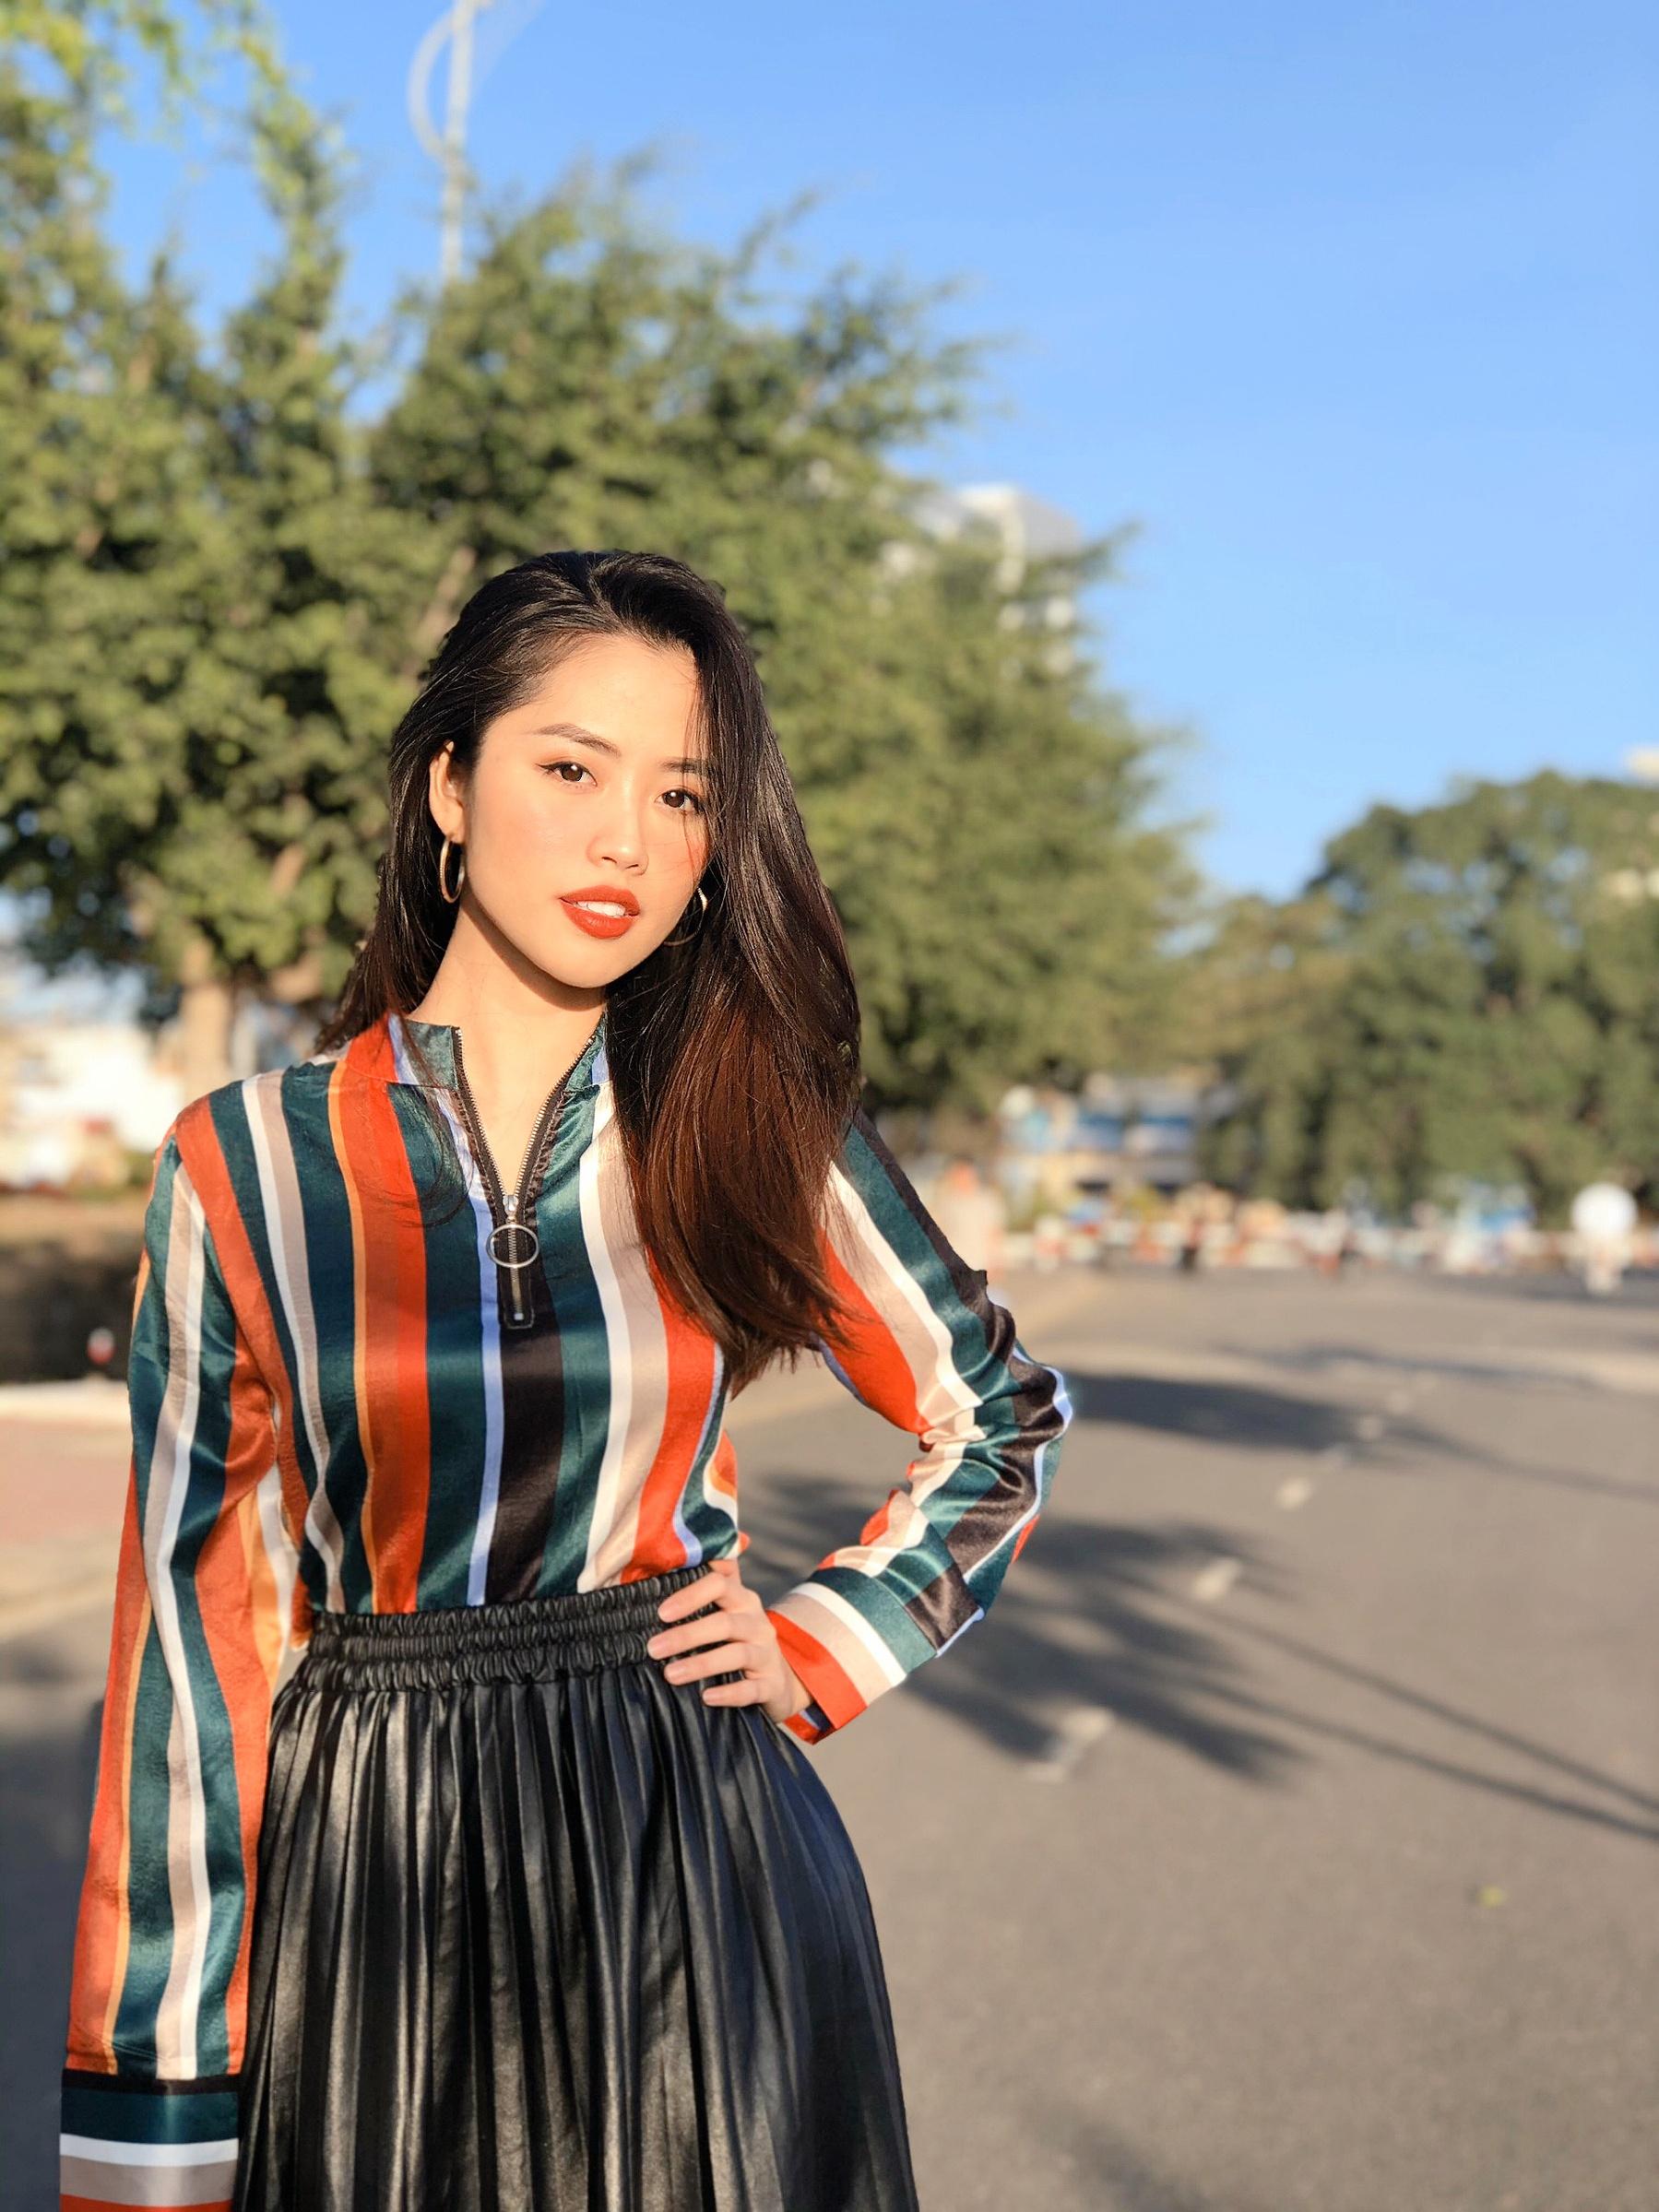 Nữ MC truyền hình 22 tuổi thi HHVN 2020: 'Các bạn đua theo xu hướng Kpop hay Âu Mỹ, mình chỉ chuộng style đơn giản chuẩn chỉnh tác phong nhà đài' 12